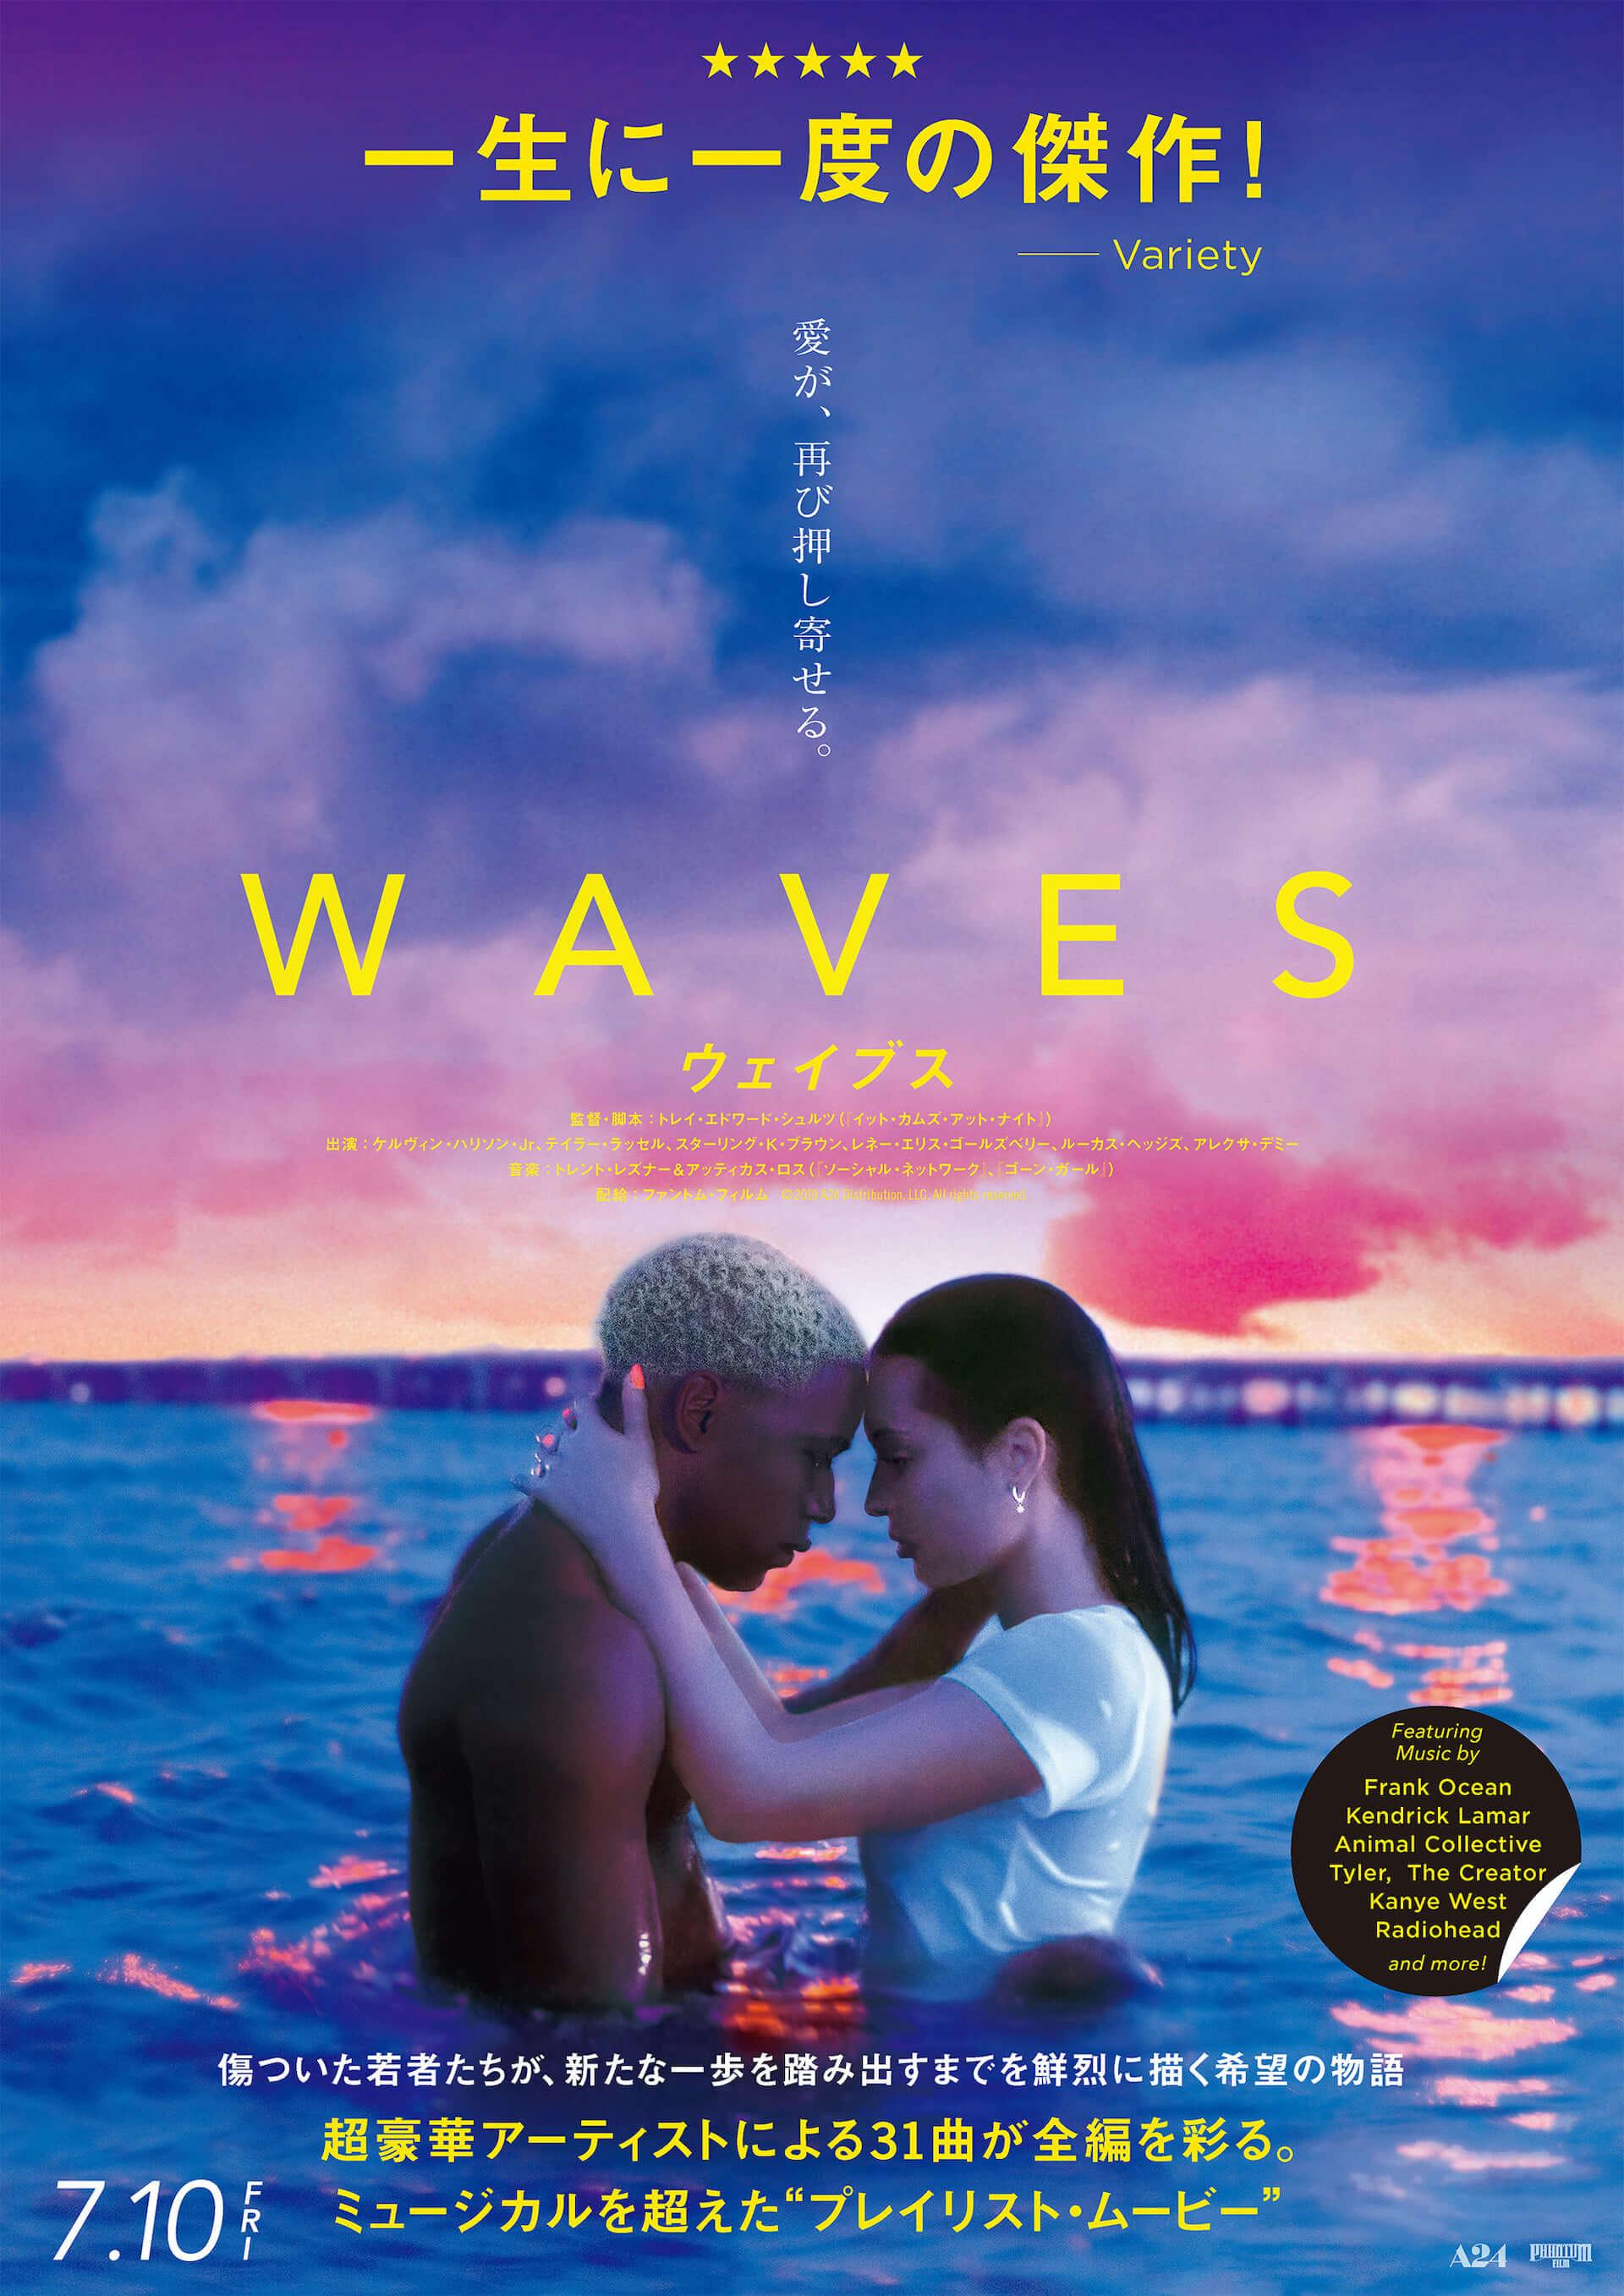 レディオヘッド、カニエ・ウェスト、フランク・オーシャンらが彩るA24最新作『WAVES/ウェイブス』が7月10日に公開決定! film200605_isao_waves_movie_1-1920x2714